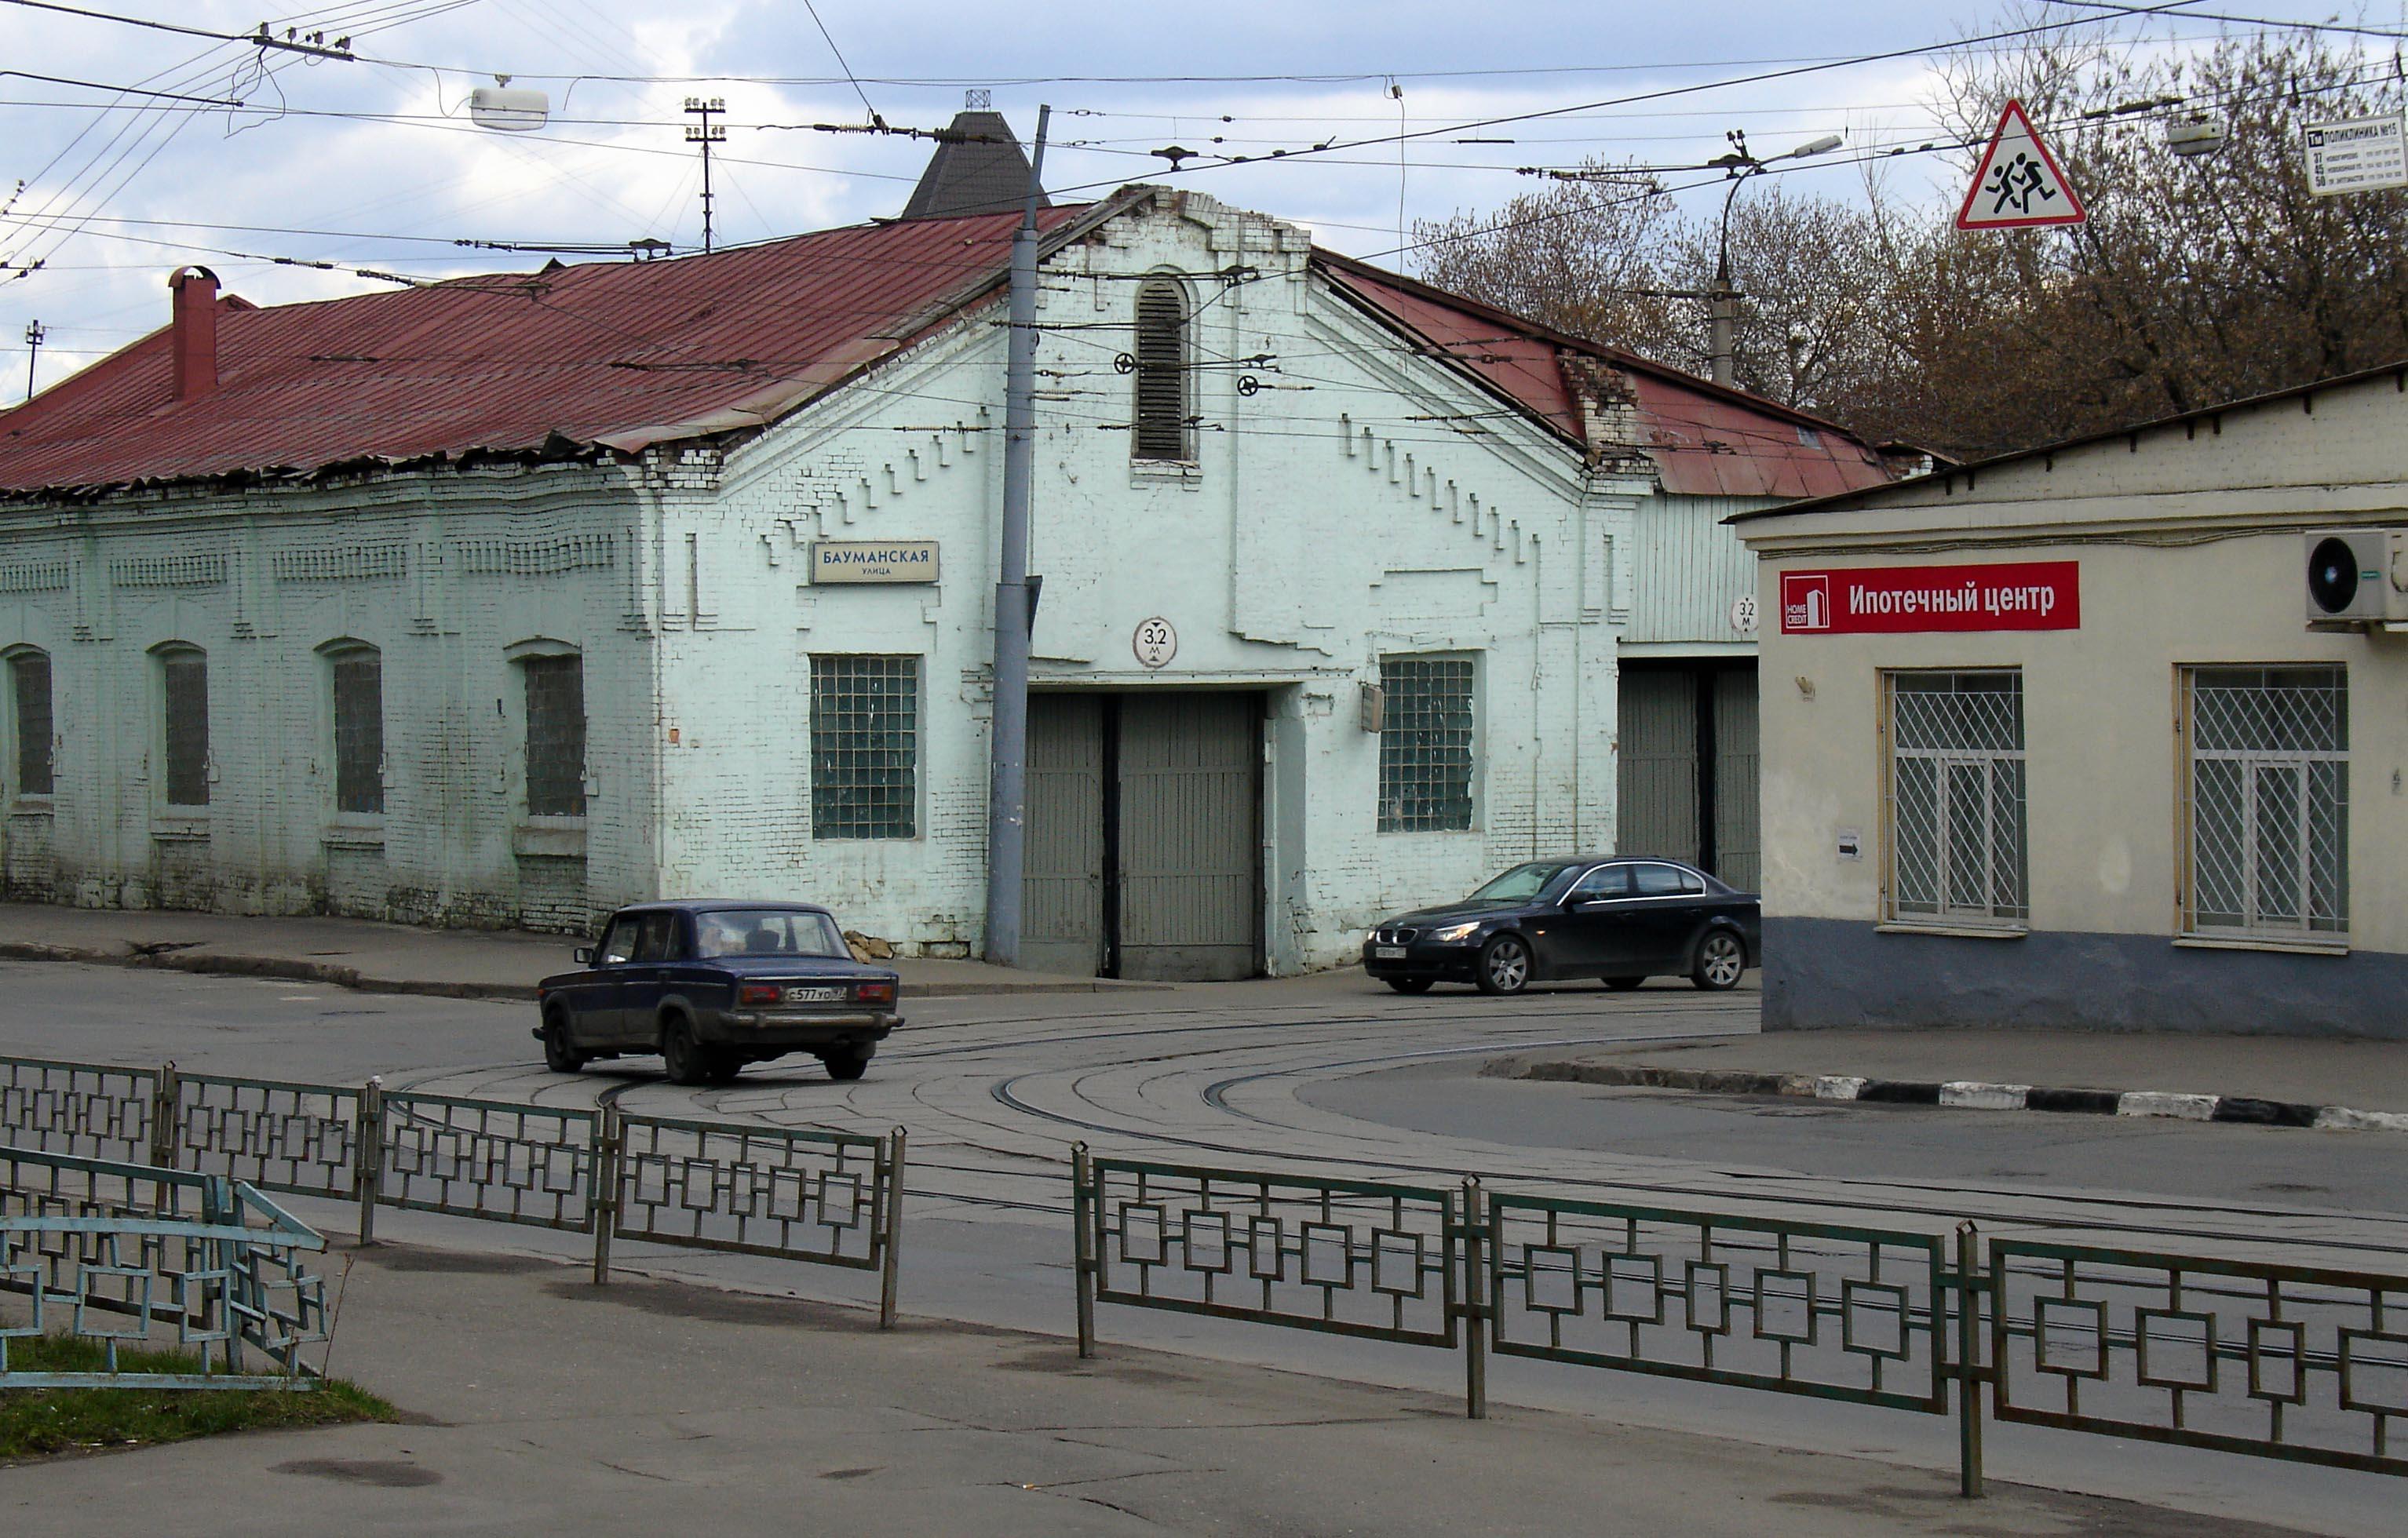 Бауманская улица (Девкин переулок). Часть 4.